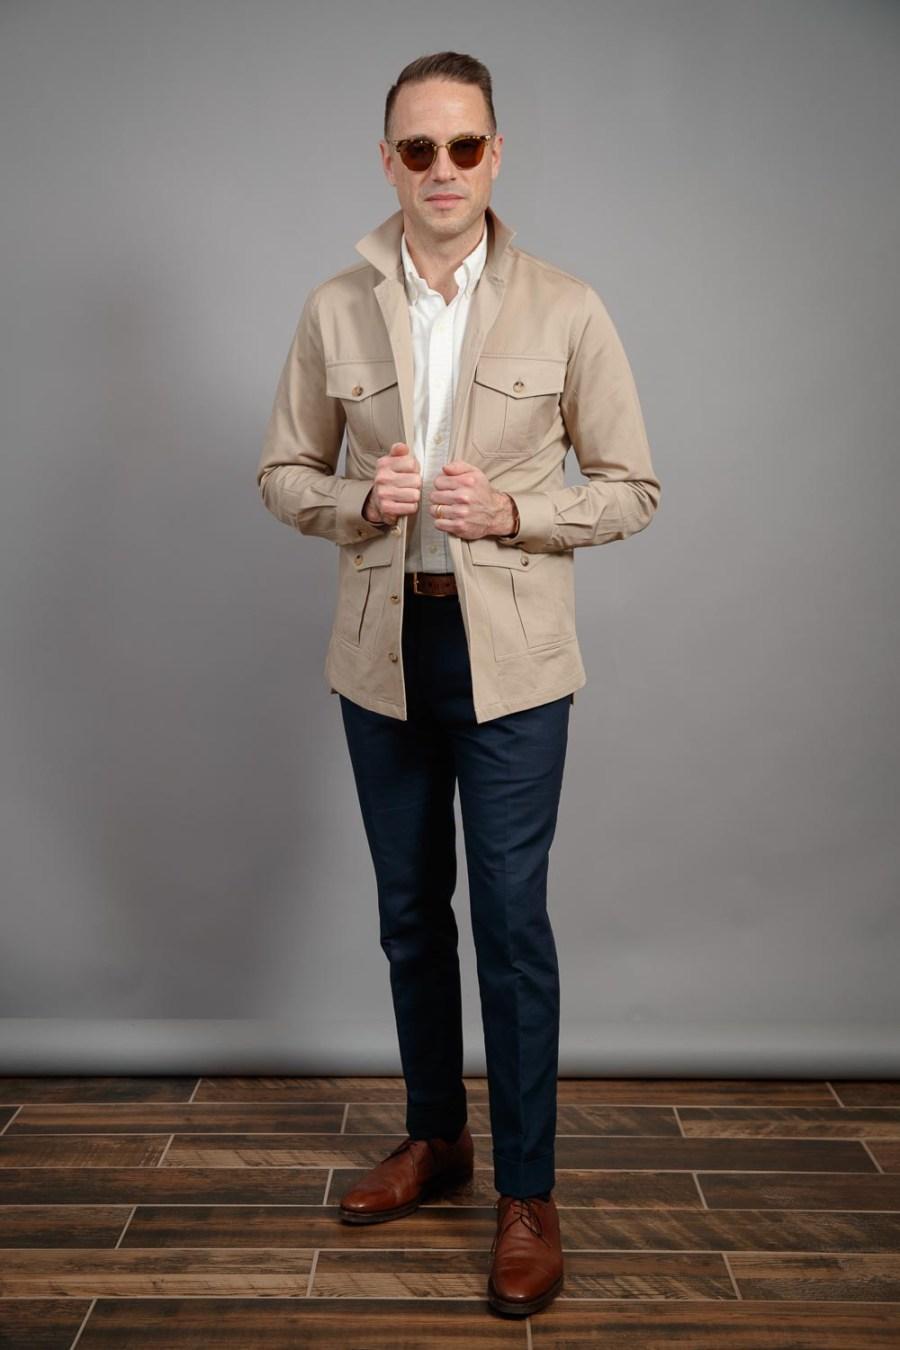 homem-melhor-camisa-cáqui-jaqueta-safári-jaqueta-parece-primavera-2021